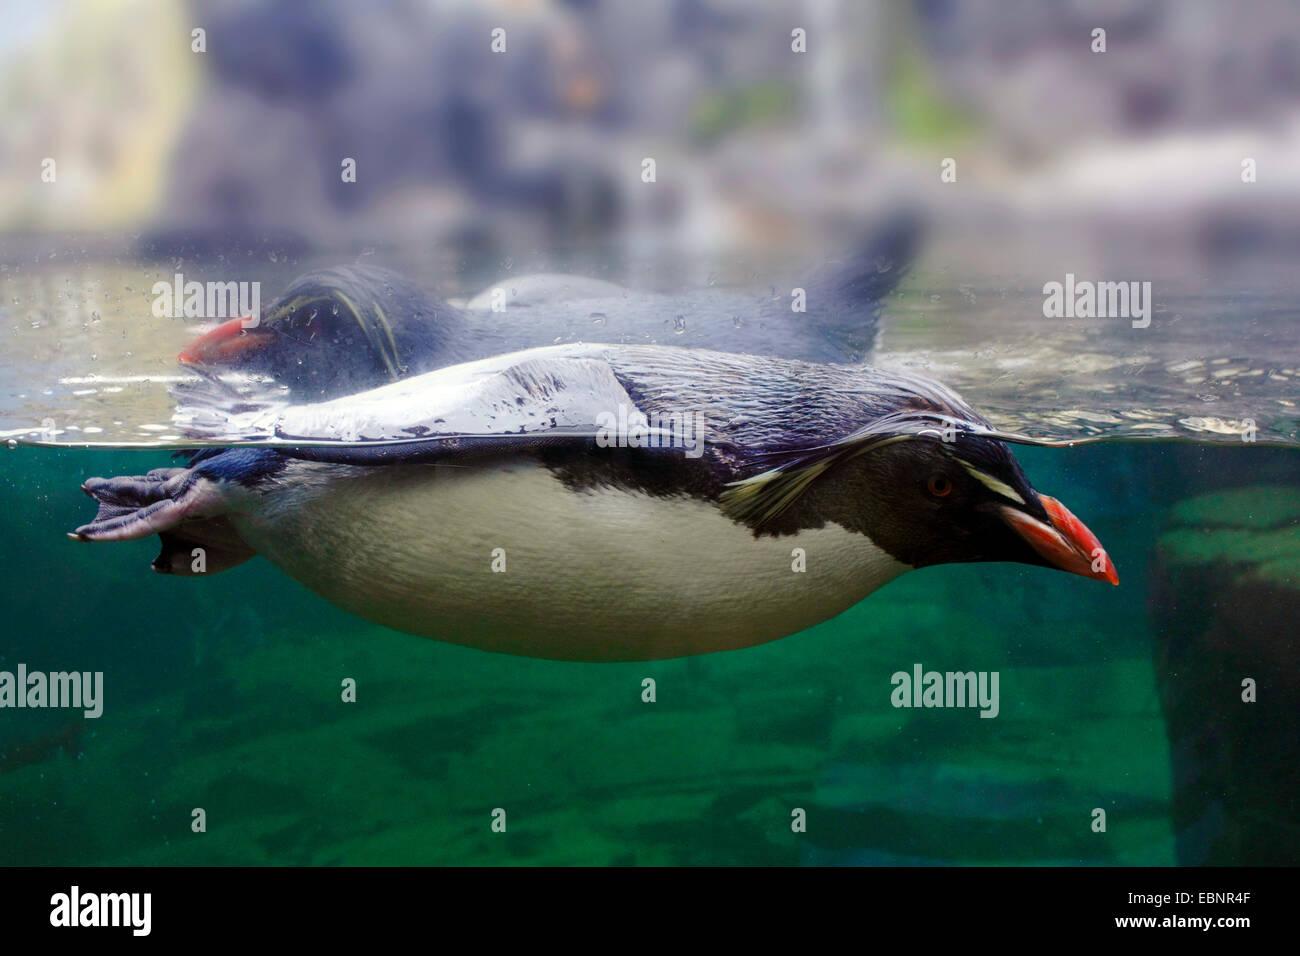 Rockhopper Penguin (Eudyptes chrysocome), natation pingouins derrière une façade de verre Photo Stock